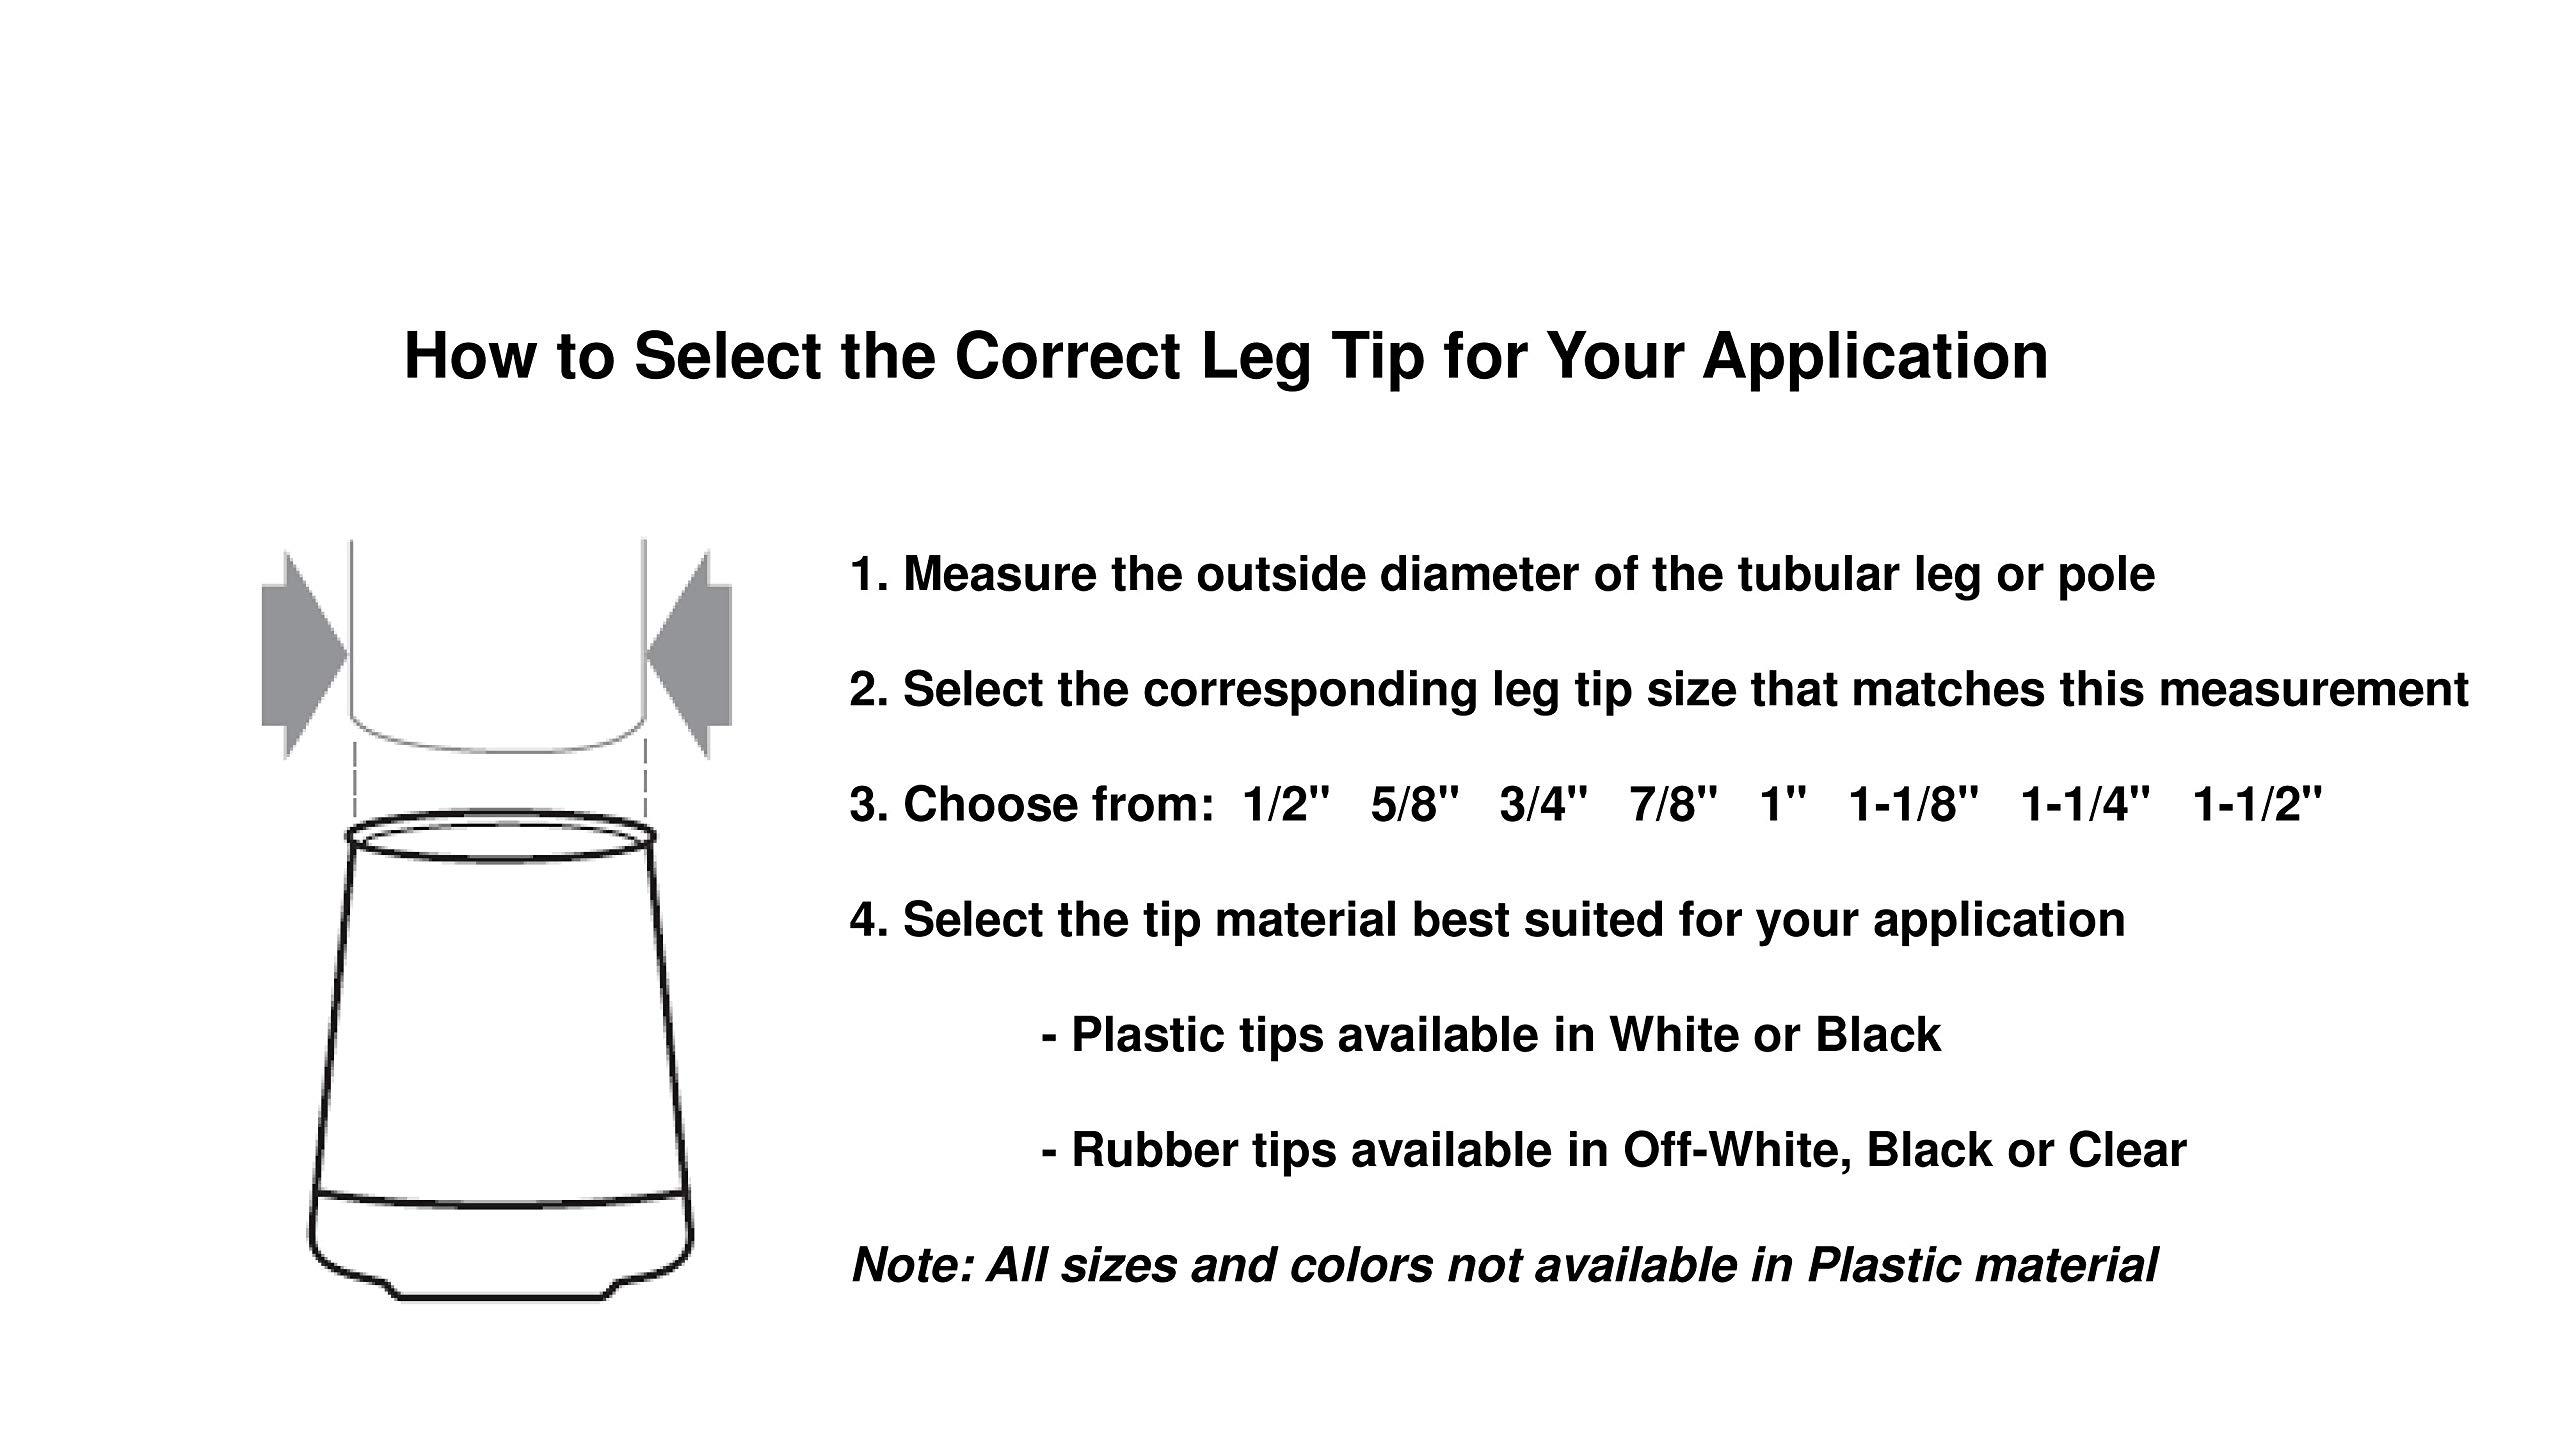 Shepherd Hardware 8622E Leg Tips 1-Inch Inside Diameter Rubber Chair Leg Caps, 40 Pack, Black by Shepherd Hardware (Image #5)